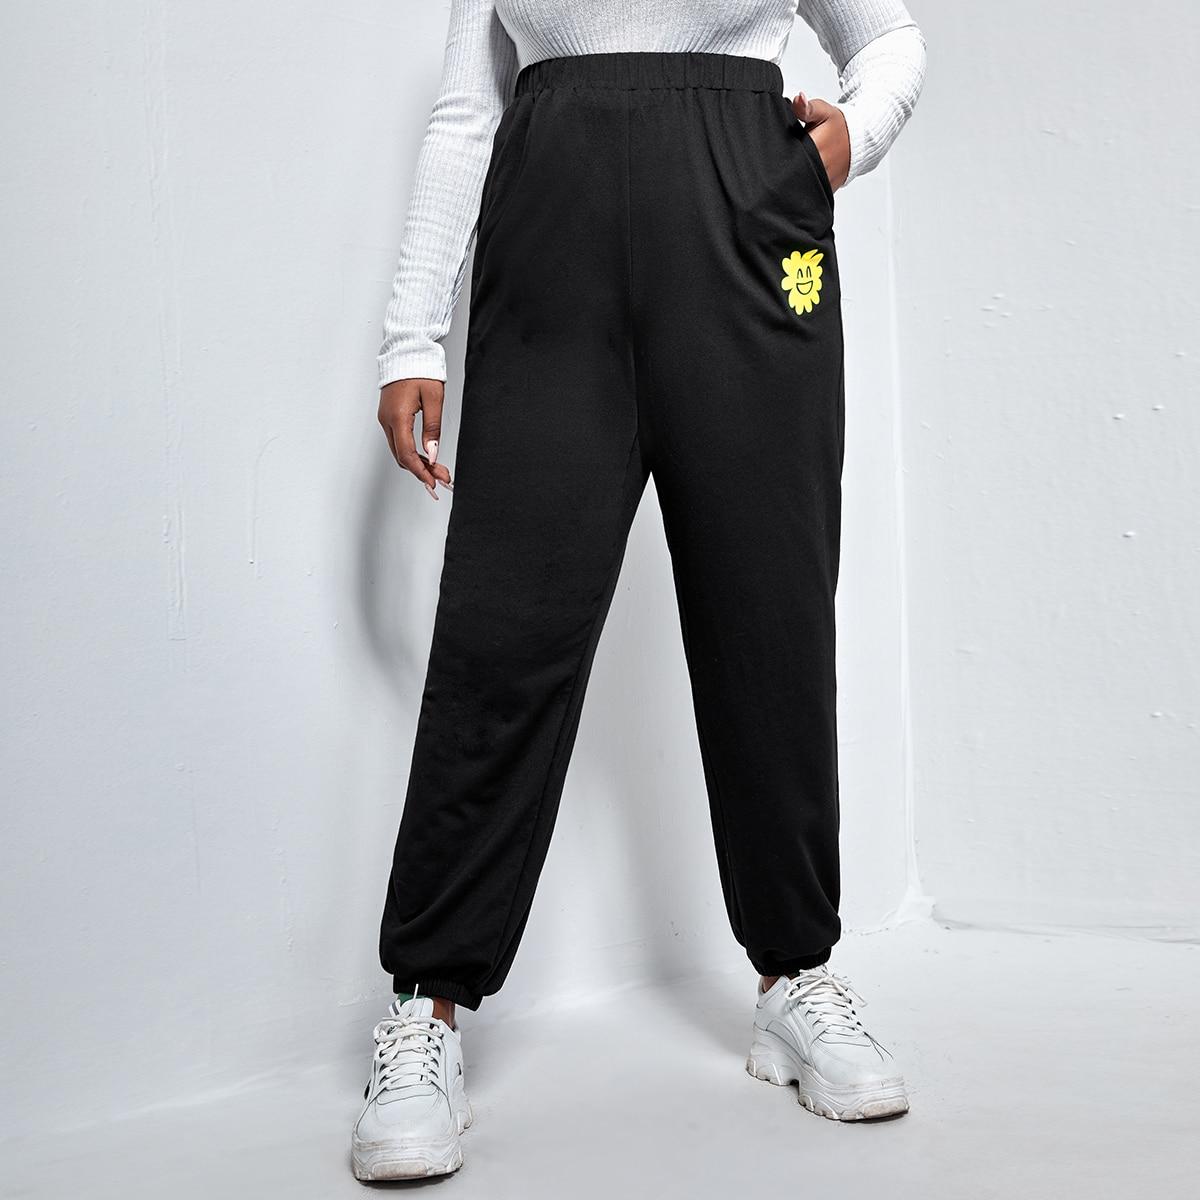 Спортивные брюки размера плюс с высокой талией и мультипликационным принтом